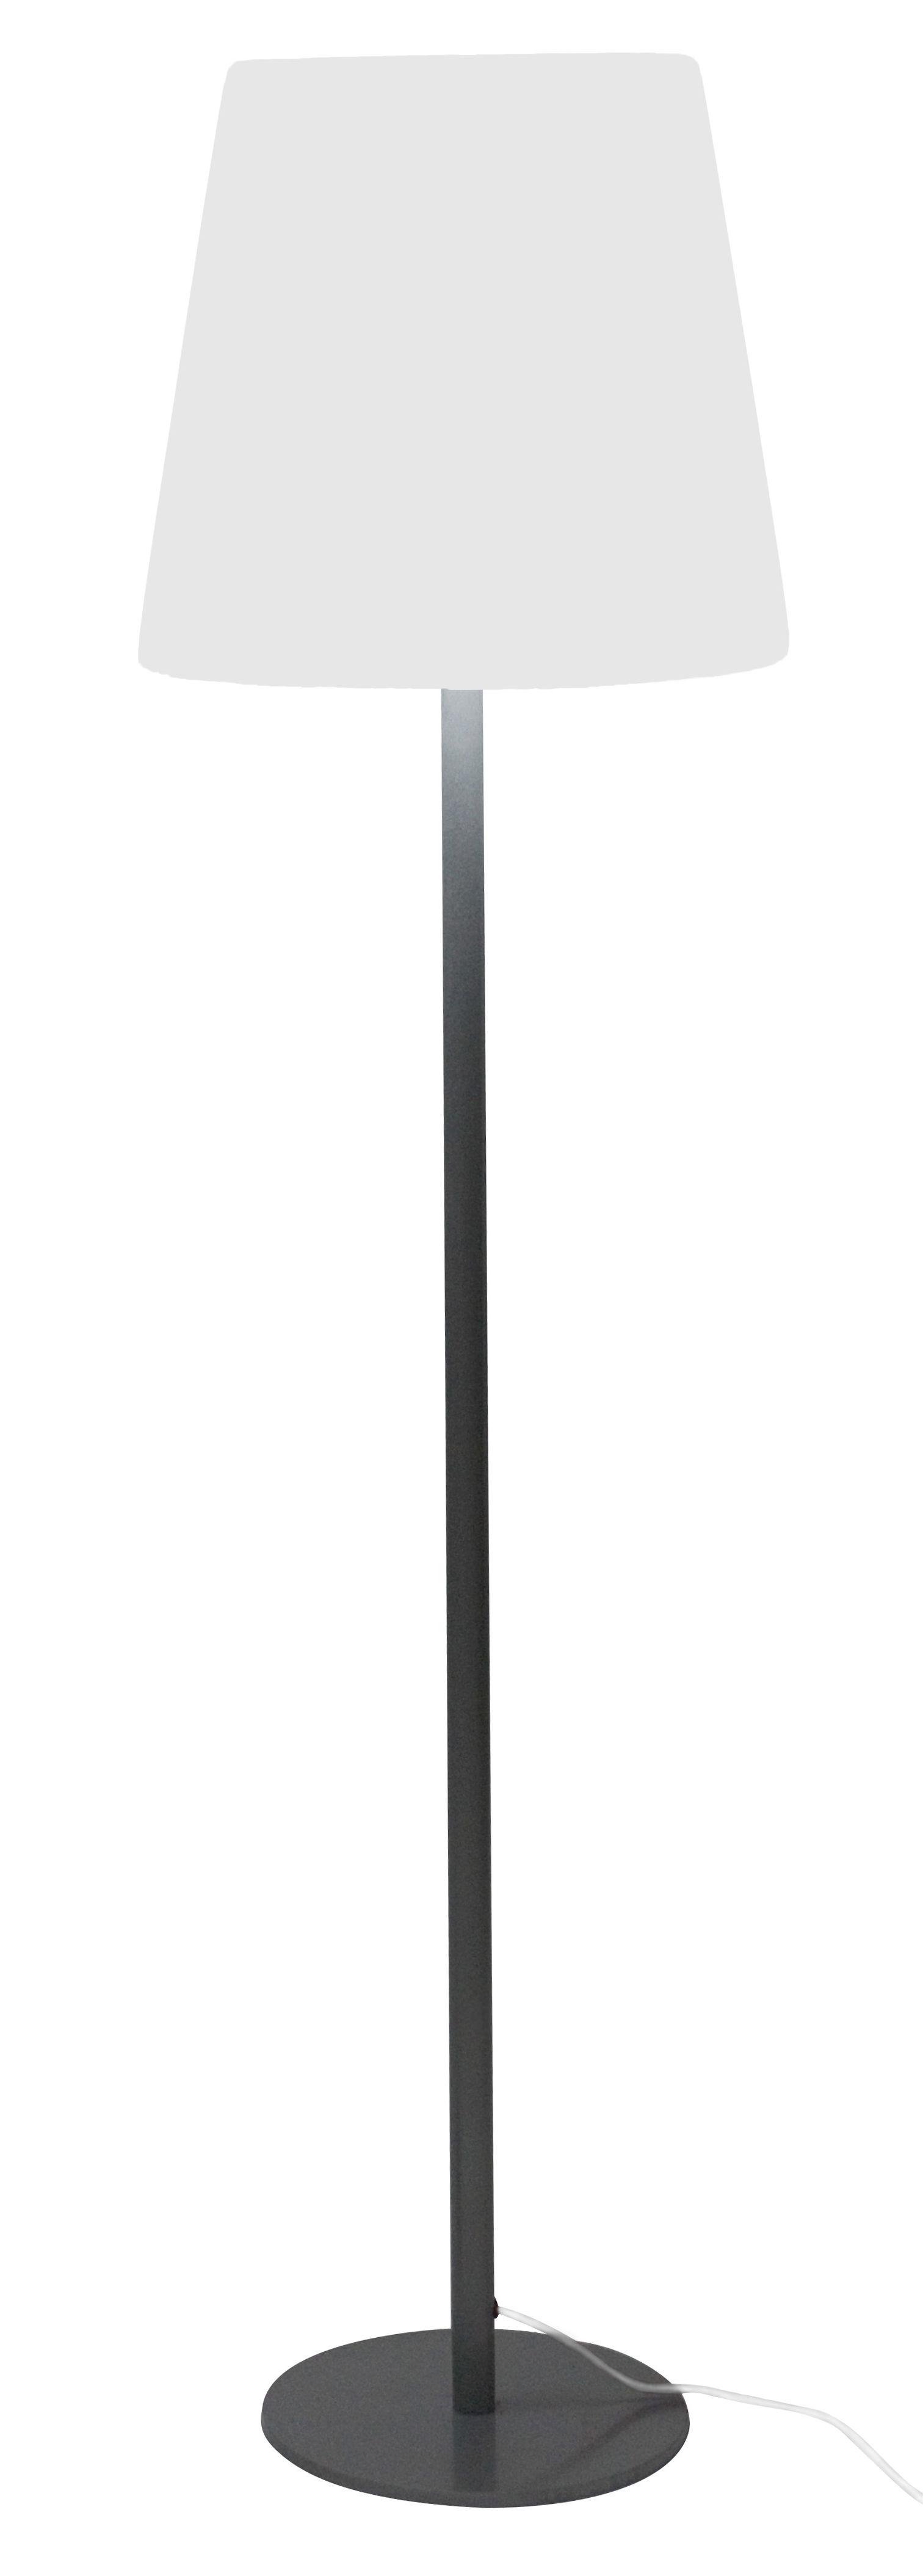 Luminaire - Lampadaires - Lampadaire Ali Baba - Slide - Version à poser : pied avec base - Inox, Polyéthylène